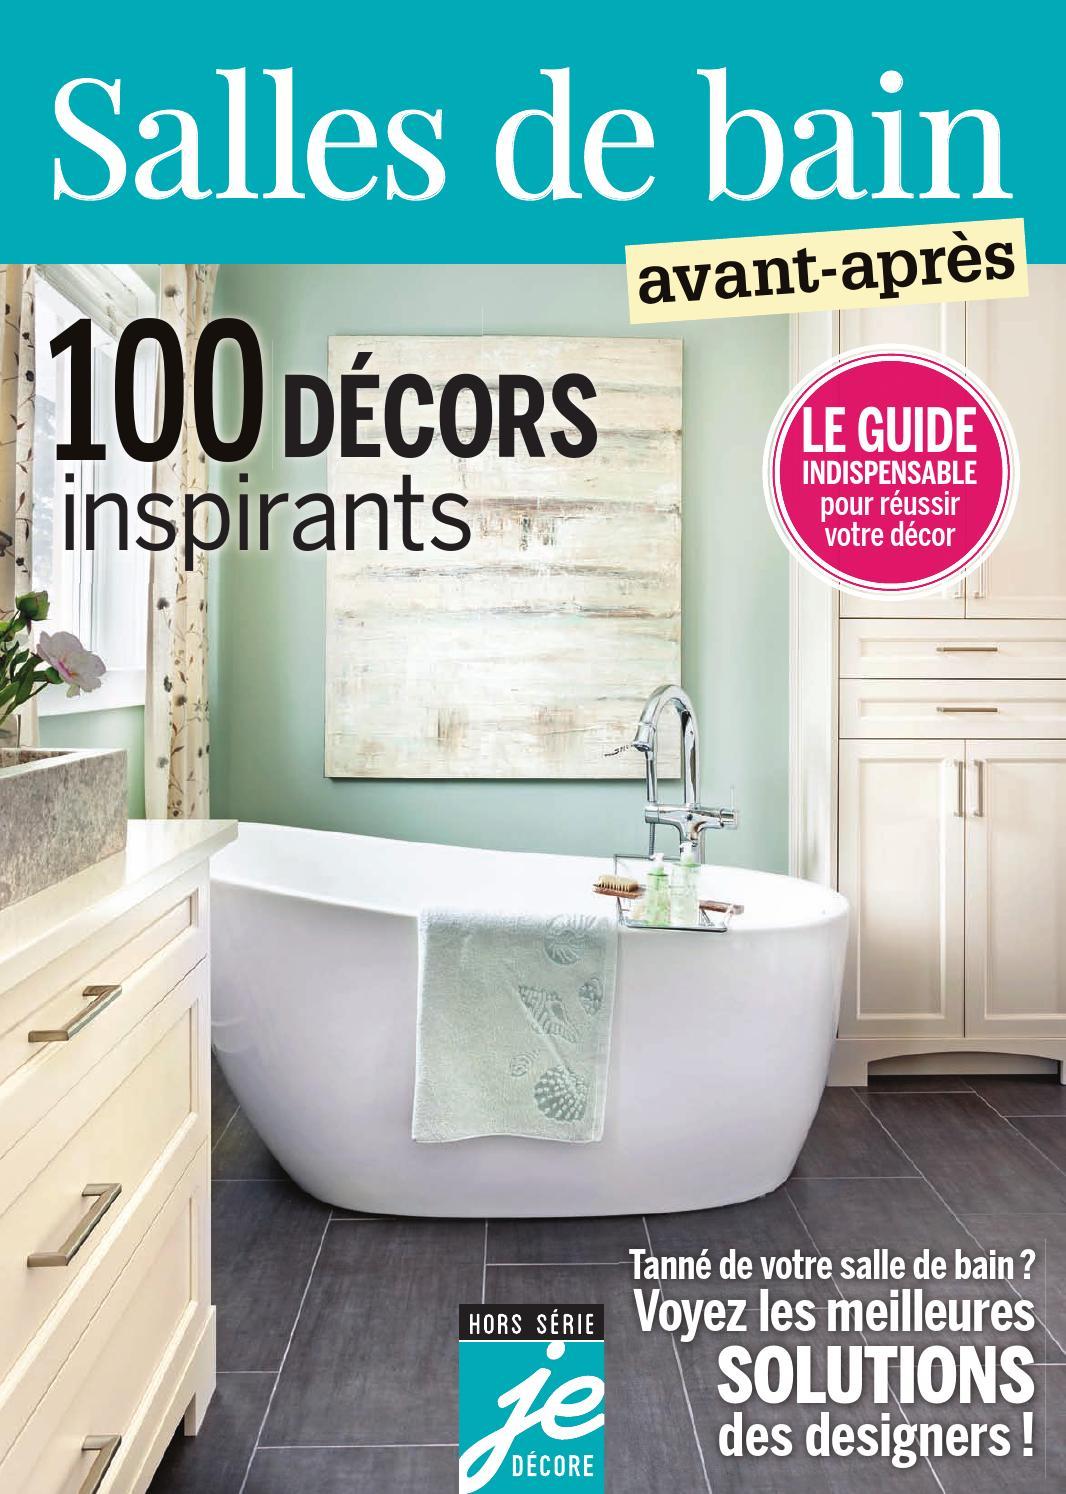 Accessoires De Salle De Bain Chez Simons ~ hors s rie salle de bain avant apr s by ditions pratico pratiques